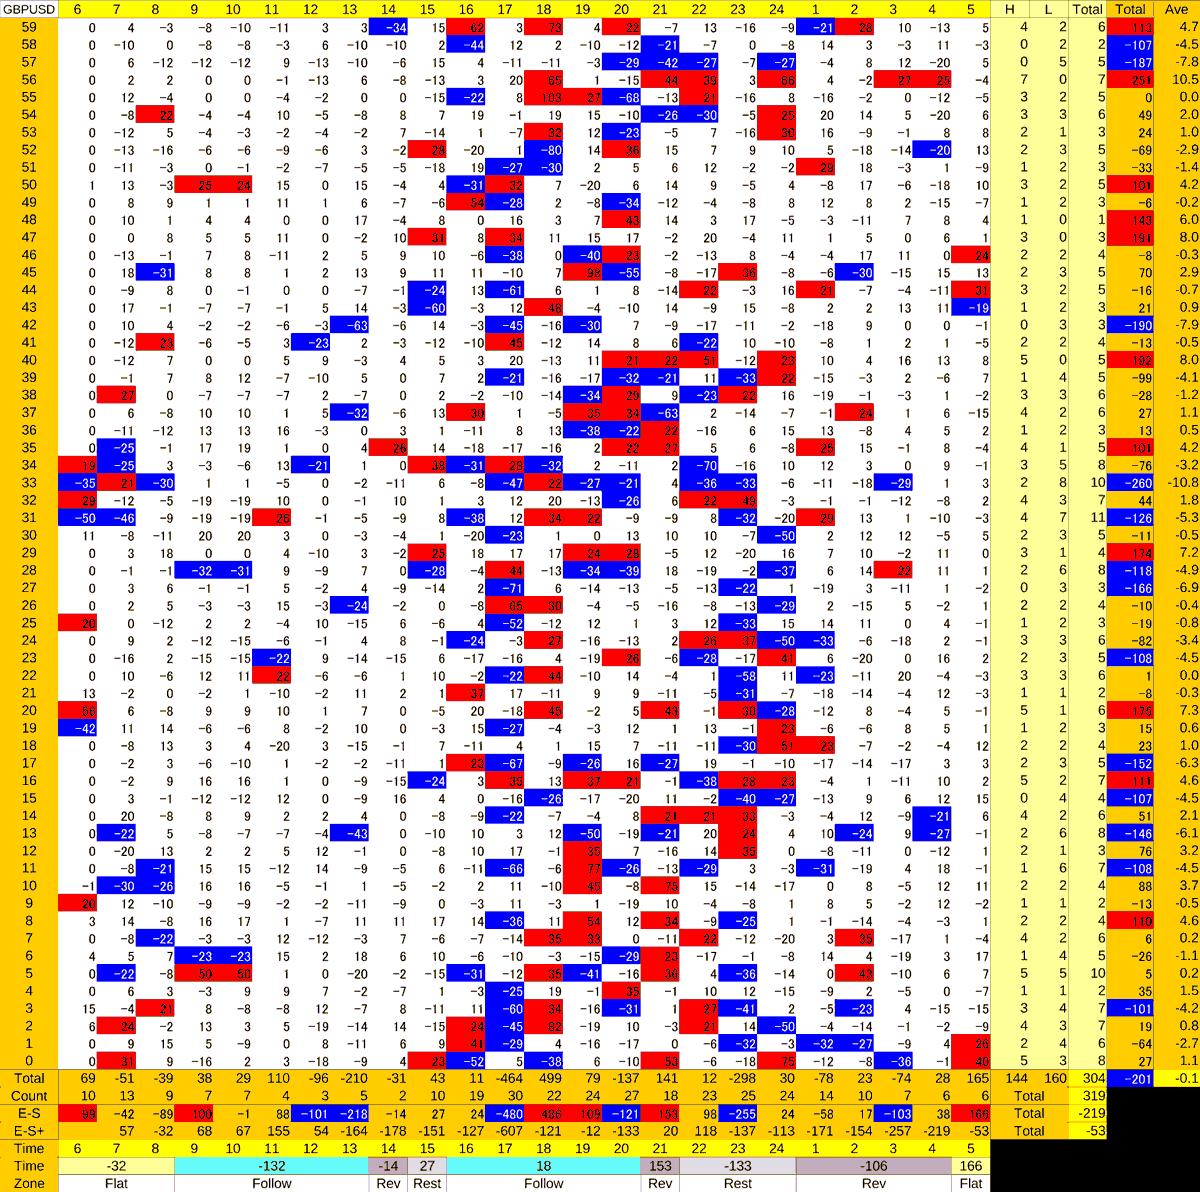 20201102_HS(2)GBPUSD